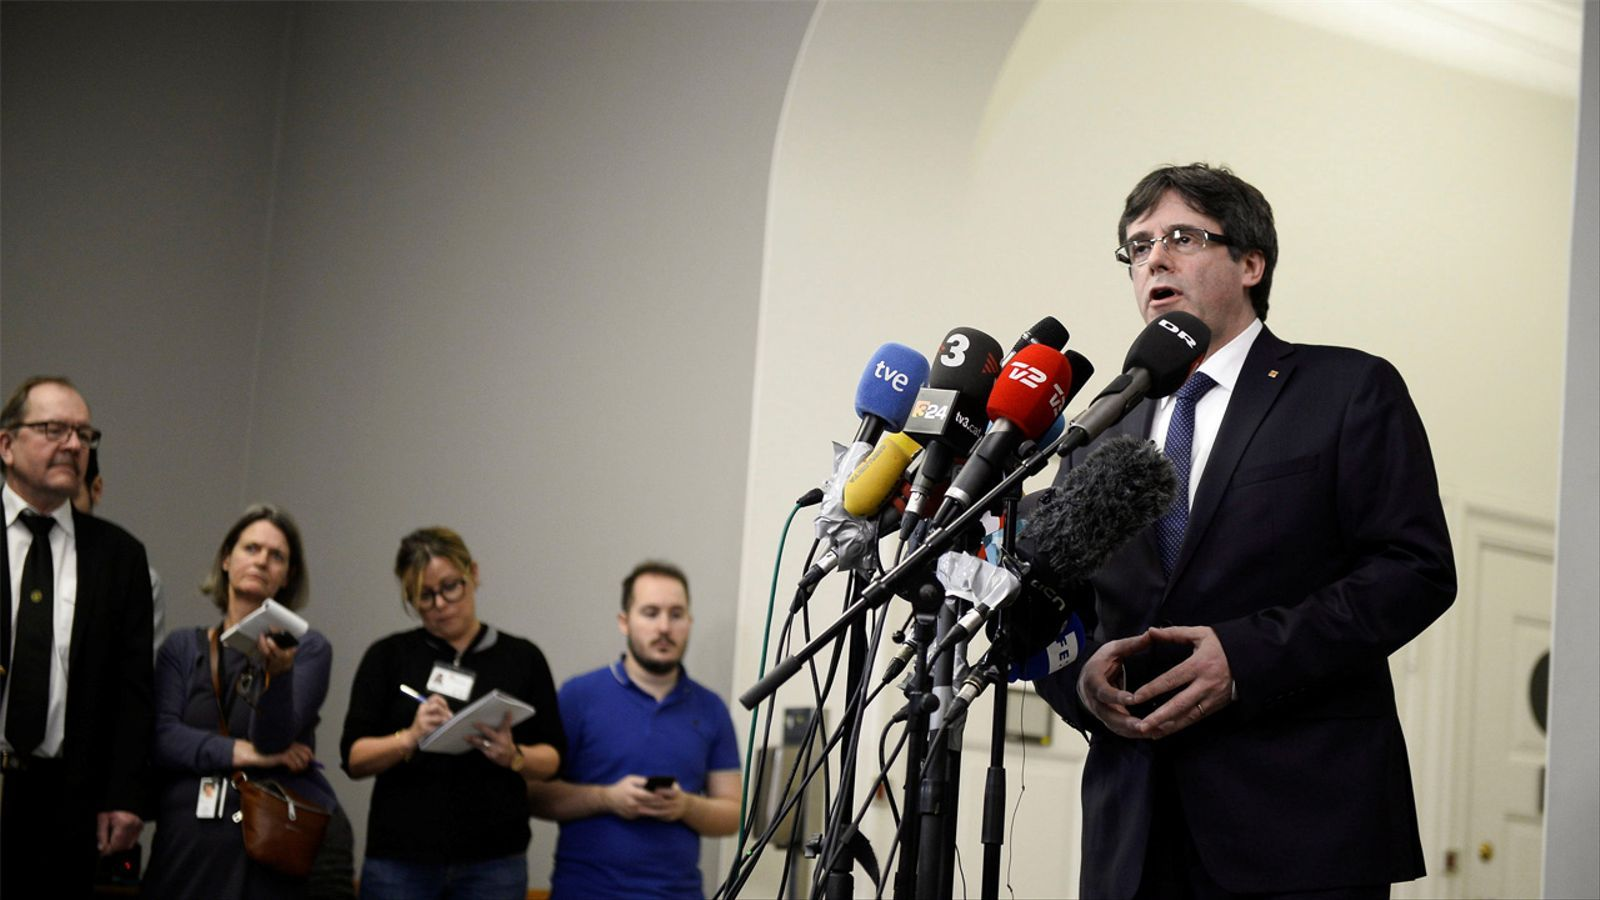 Roda de premsa de Puigdemont des del parlament danès